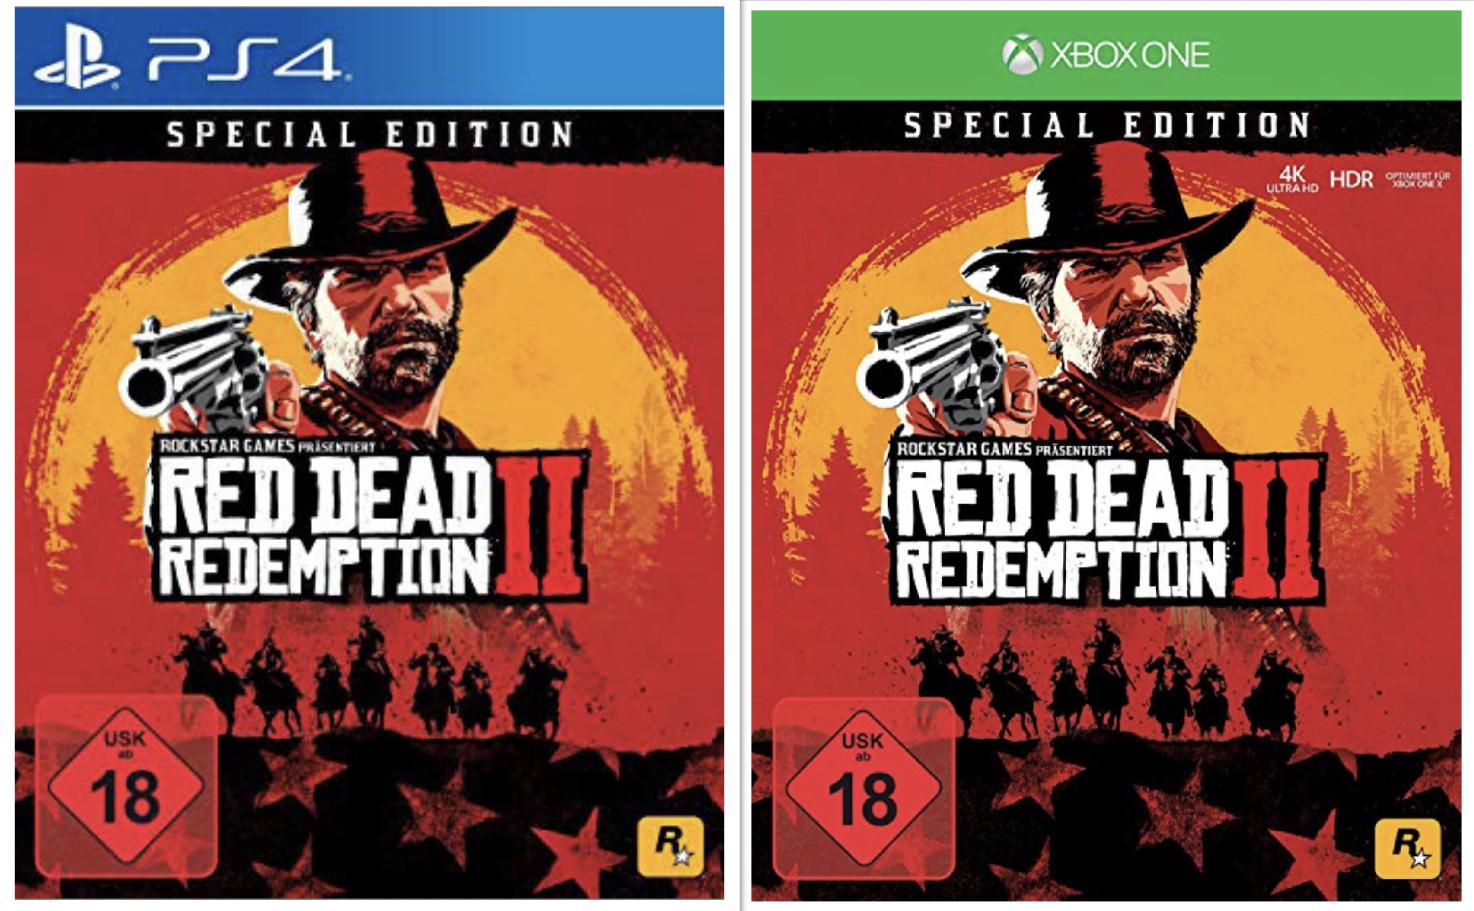 Red Dead Redemption 2 Special Edition PlayStation 4 o. Xbox One für 69,99€ inkl. Versandkosten mit Visa [Quelle]